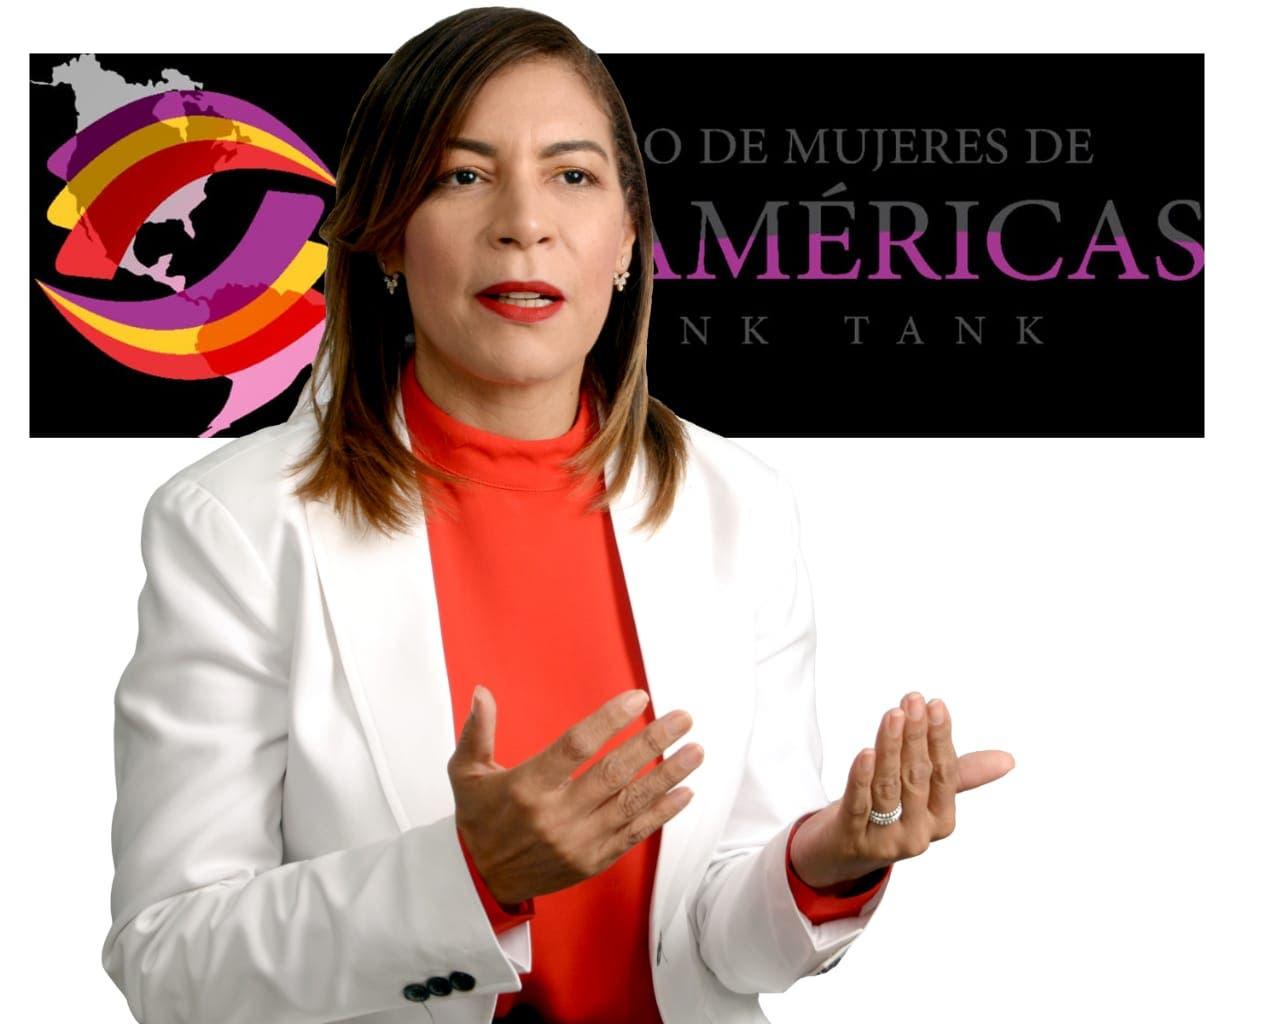 Centro de Mujeres de las Américas felicita escogencia de mujeres en Cámara de Cuentas